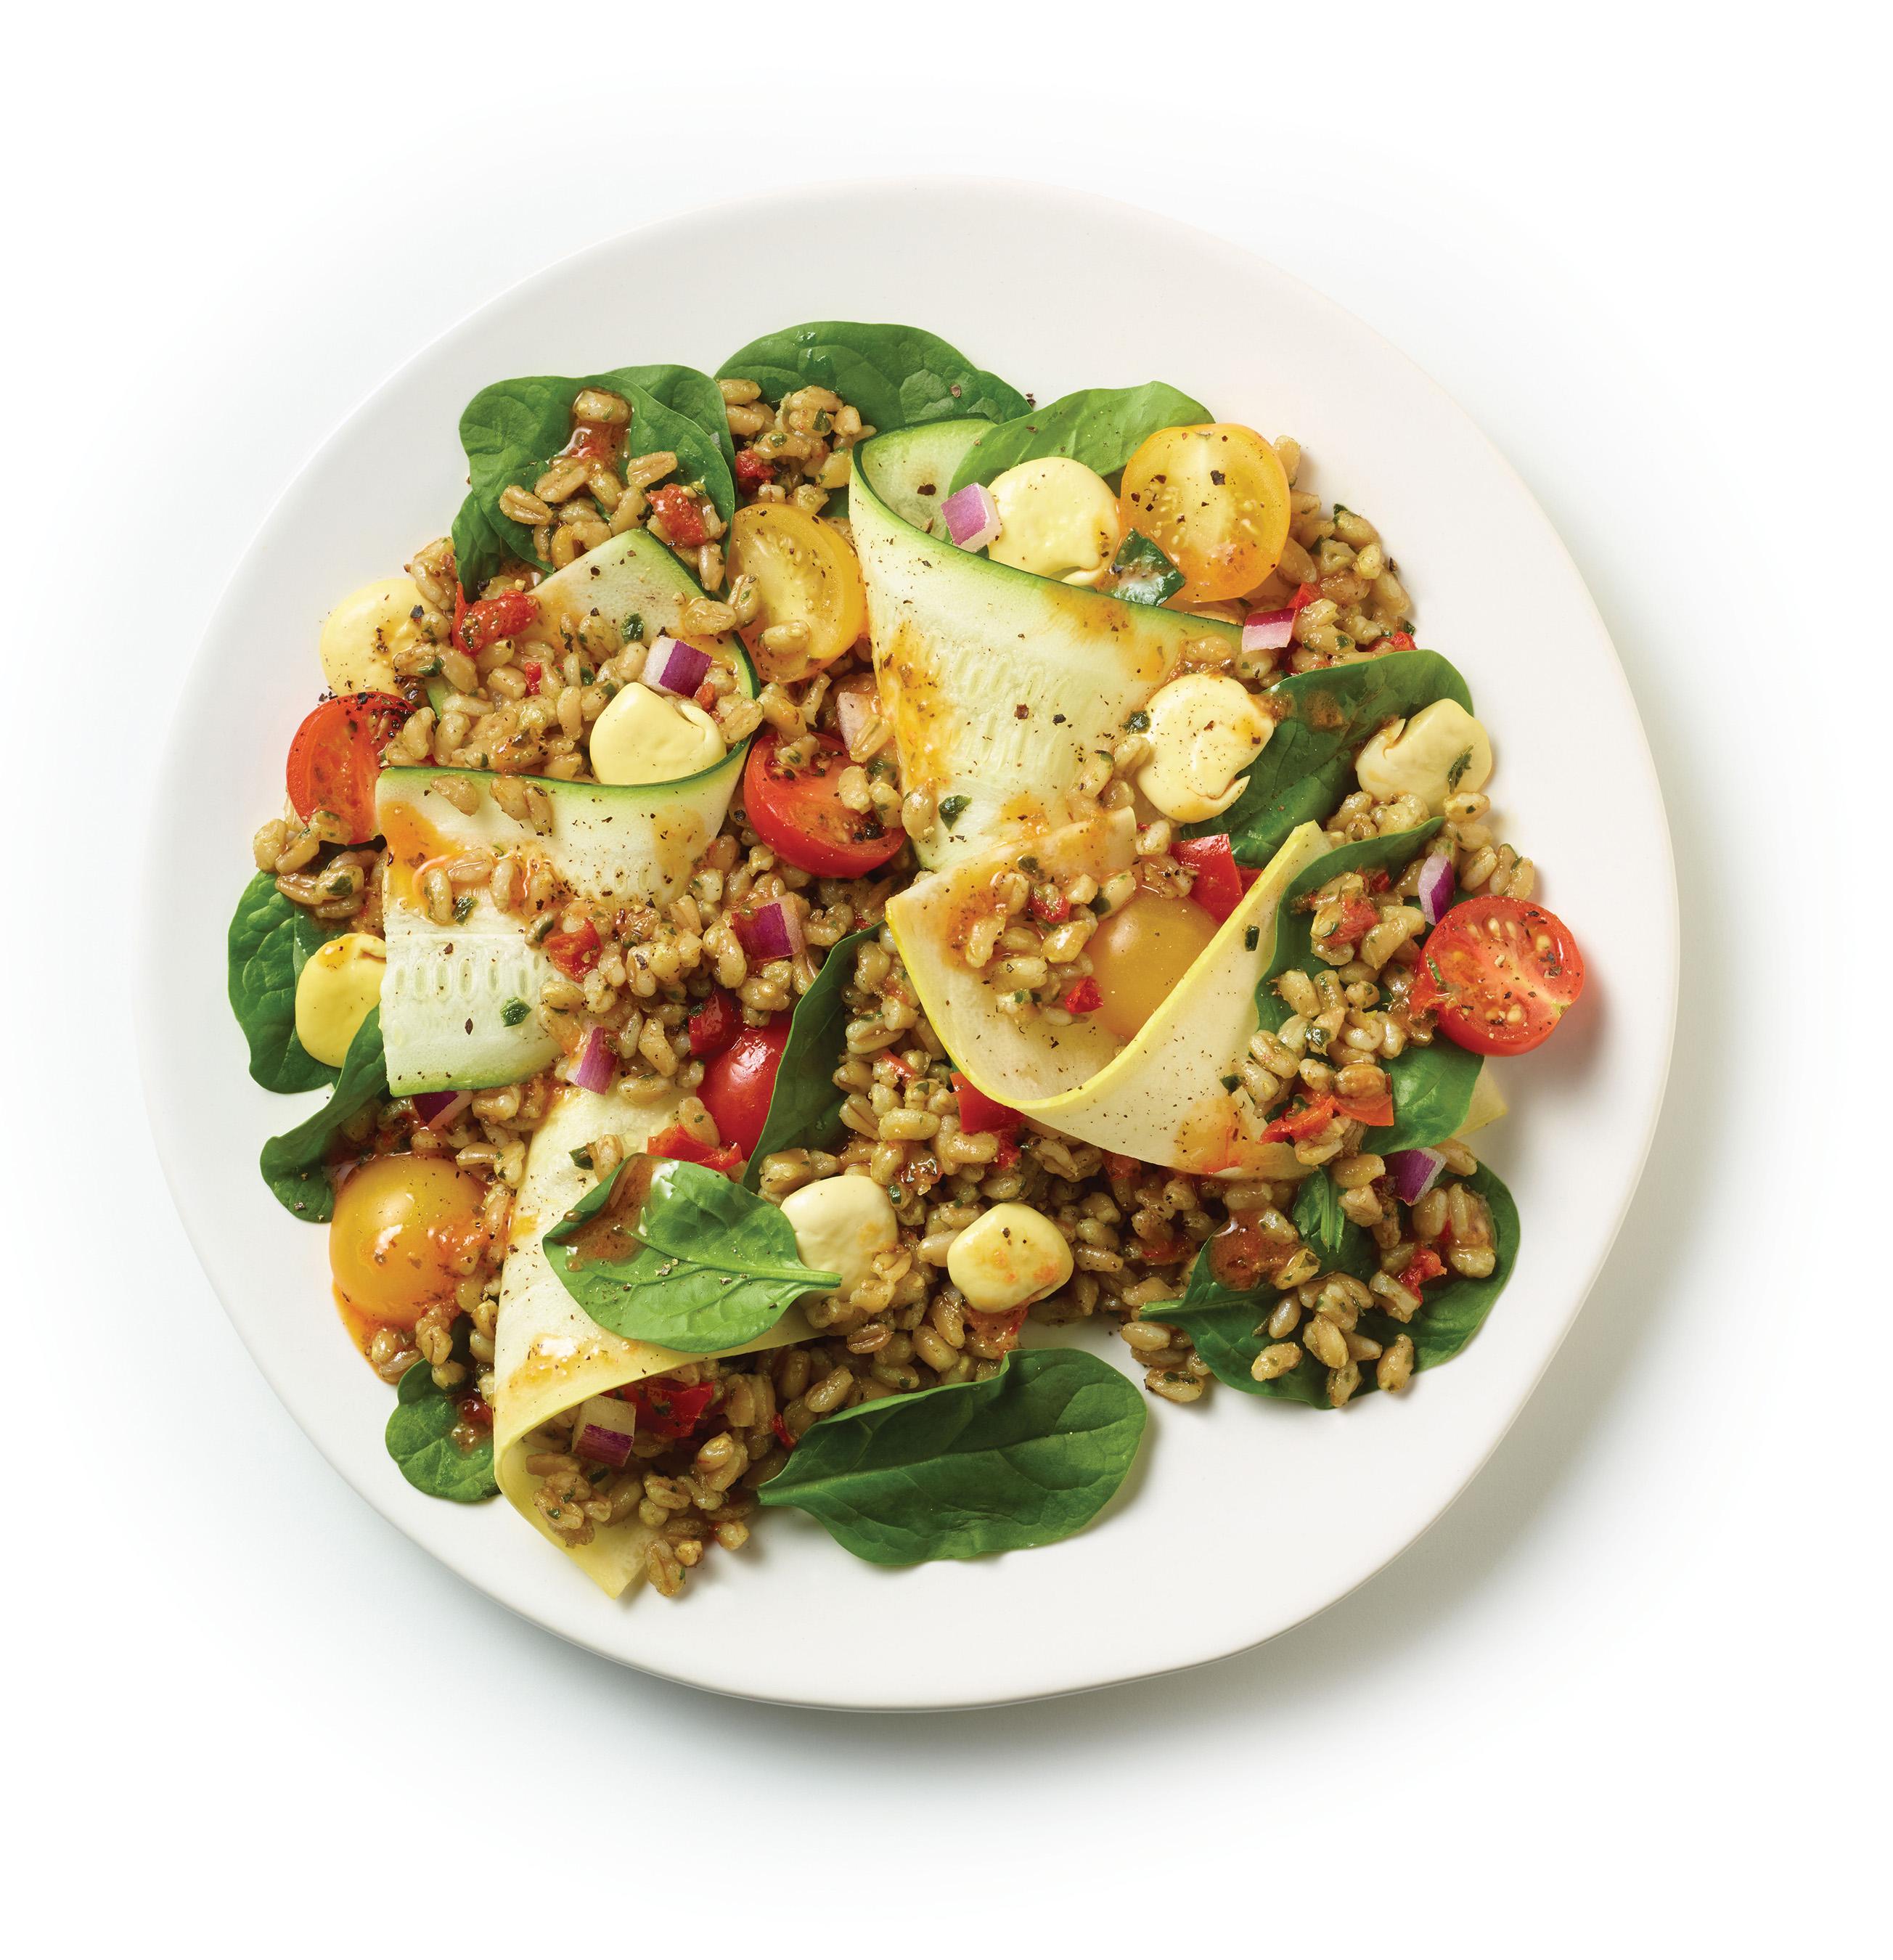 Zo S Kitchen Mediterranean Chicken Zoës Kitchen Shares Four New Ways To Live More Mediterranean